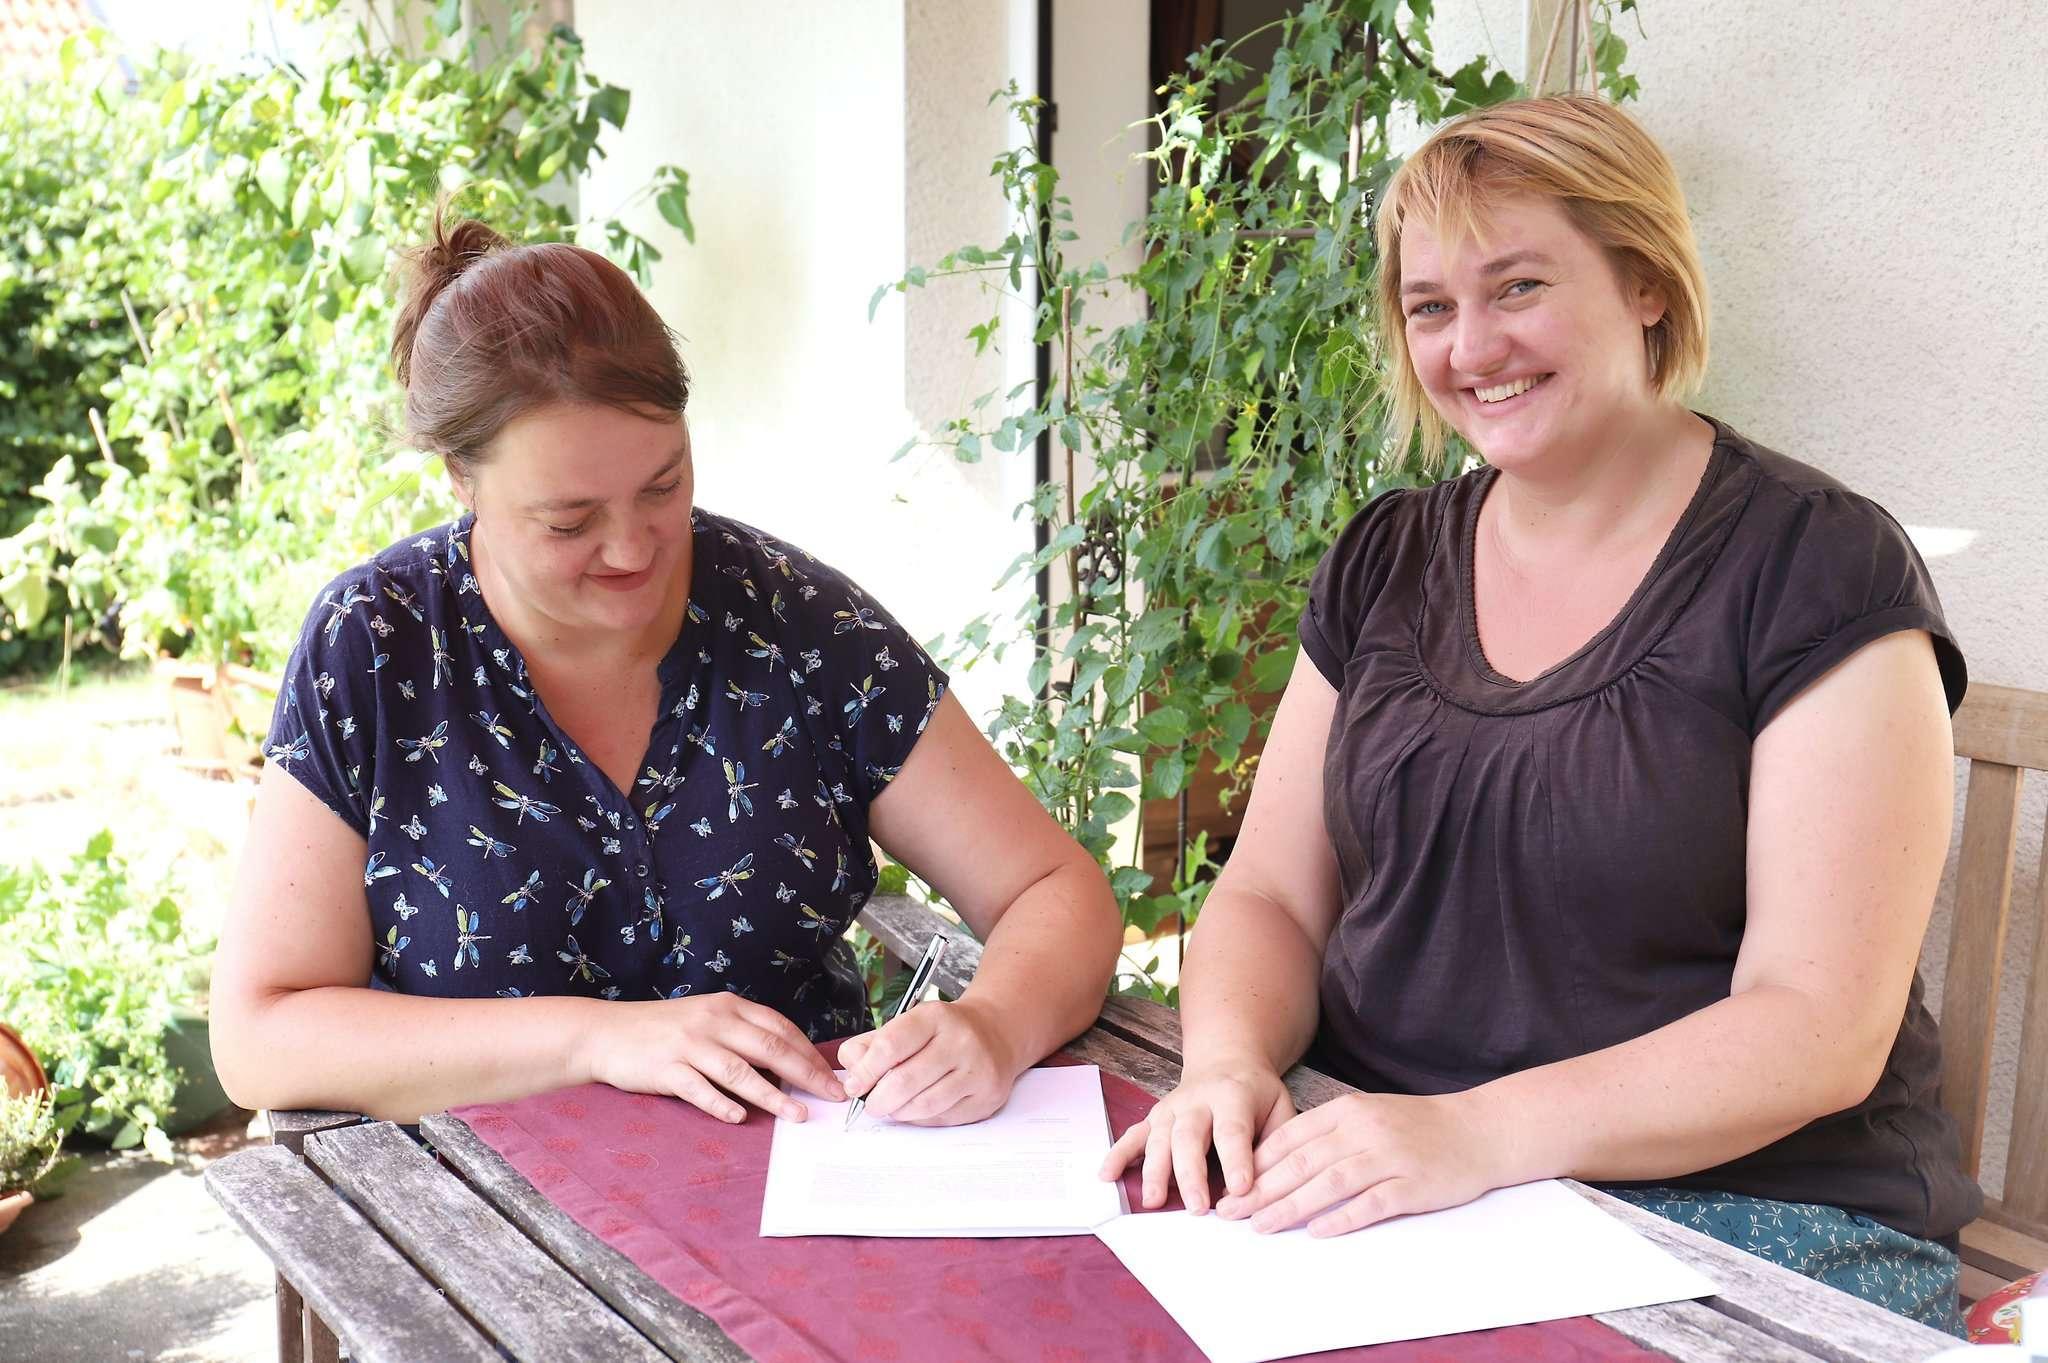 Zuerst greift Anja Doil (links) zum Kugelschreiber, dann ihre Zwillingsschwester Antje. Im April 2020 wollen sie ihren Unverpackt-Laden in Rotenburg eröffnen.